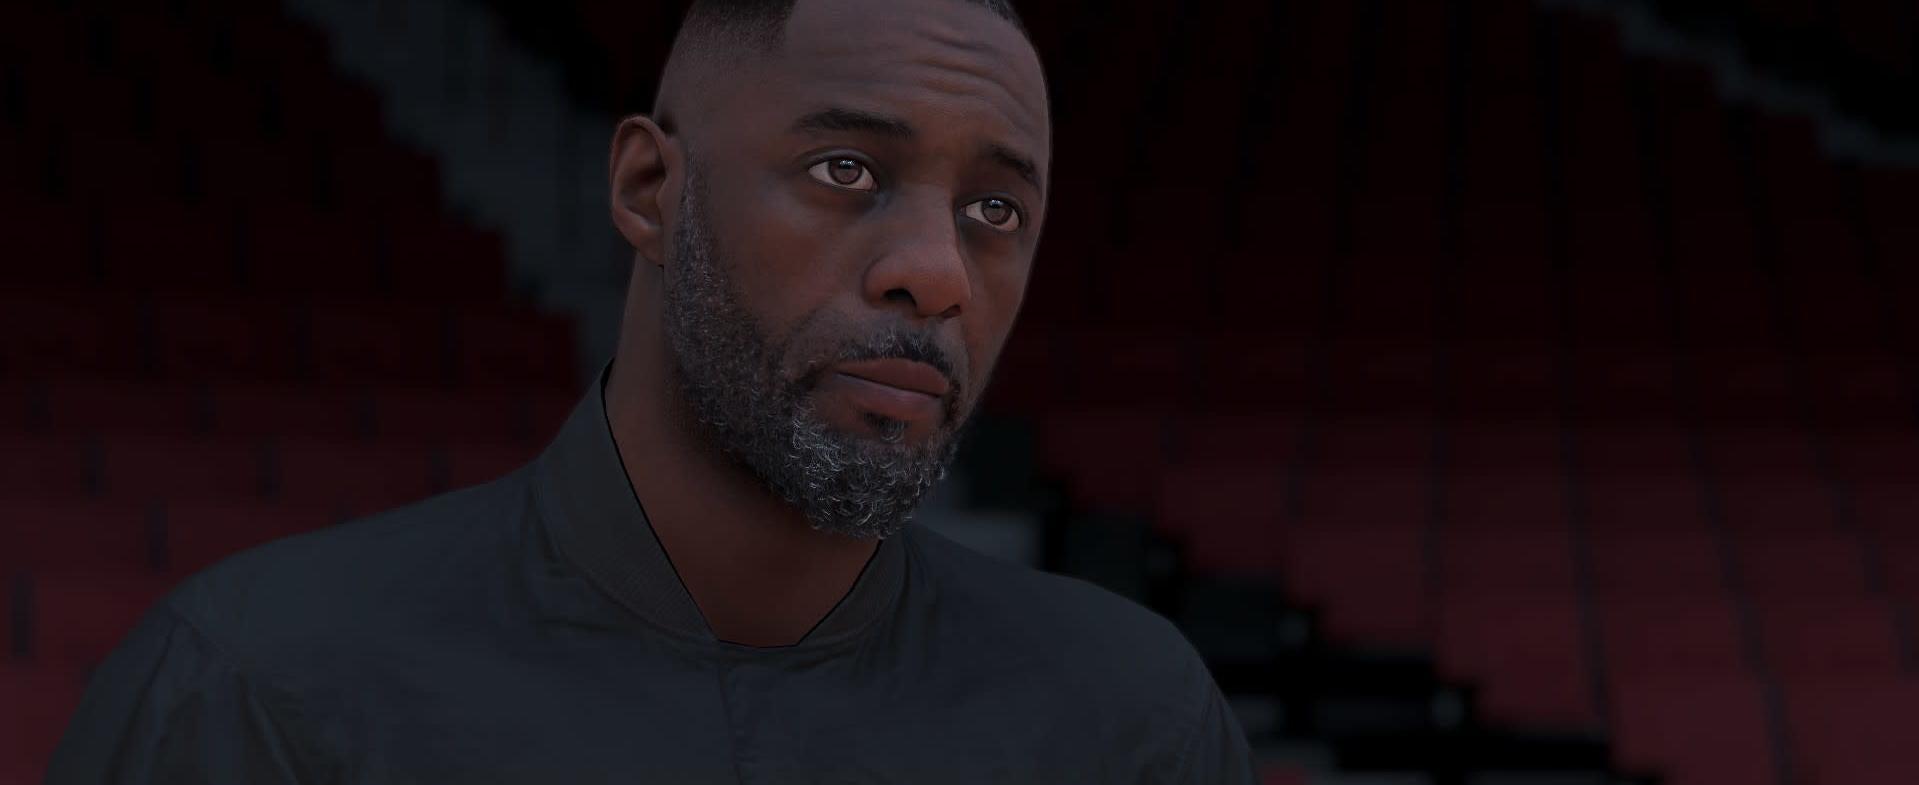 Coronavirus Has Broken Some Of NBA 2K20's Simulation